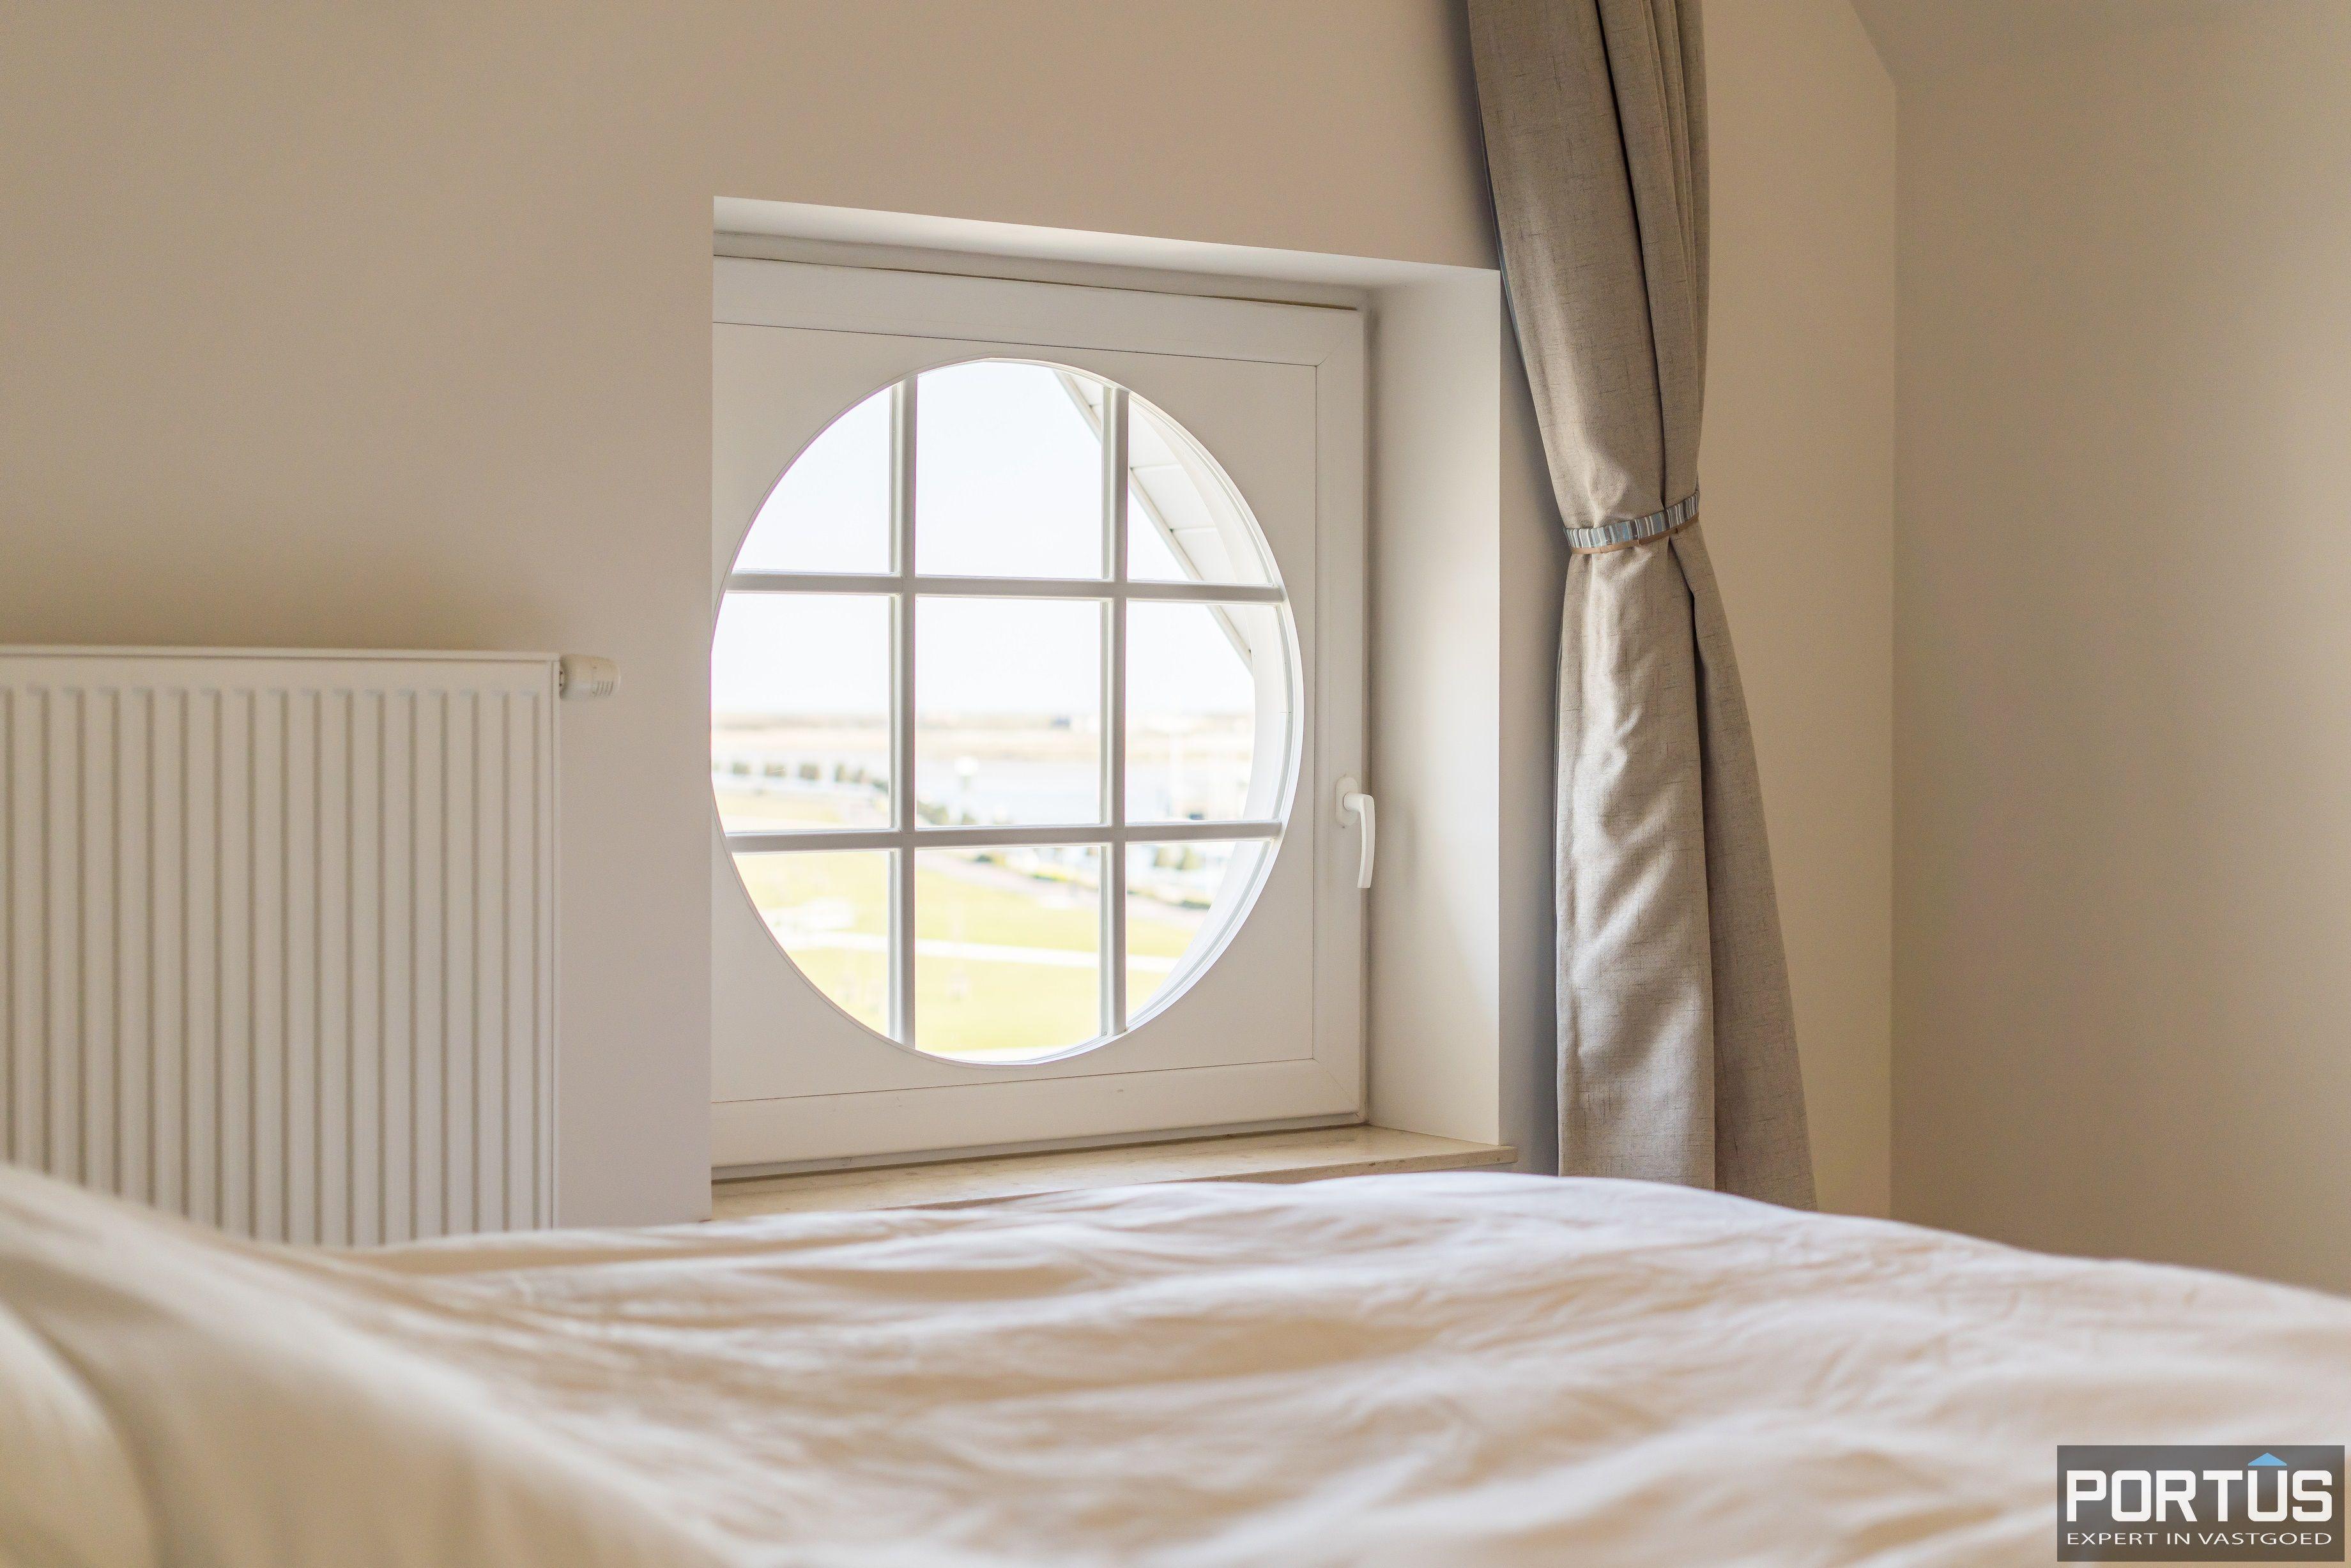 Instapklaar appartement te koop met prachtig zicht op Maritiem park te Nieuwpoort - 12608